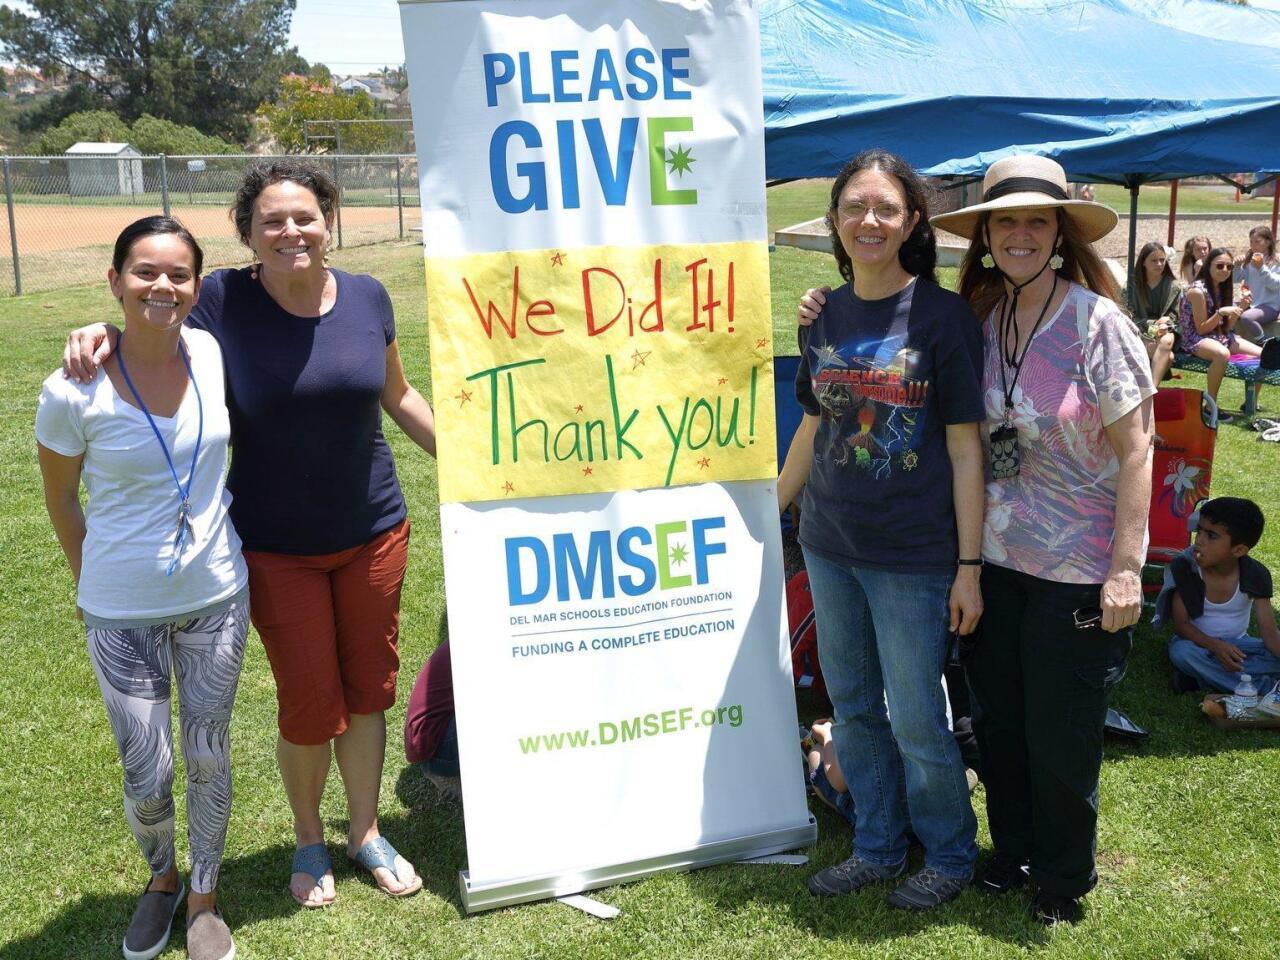 Del Mar Hills Academy STEAM teachers Amy Smith, Stacie Greene, Nancy Swanberg, Jodi Neilson